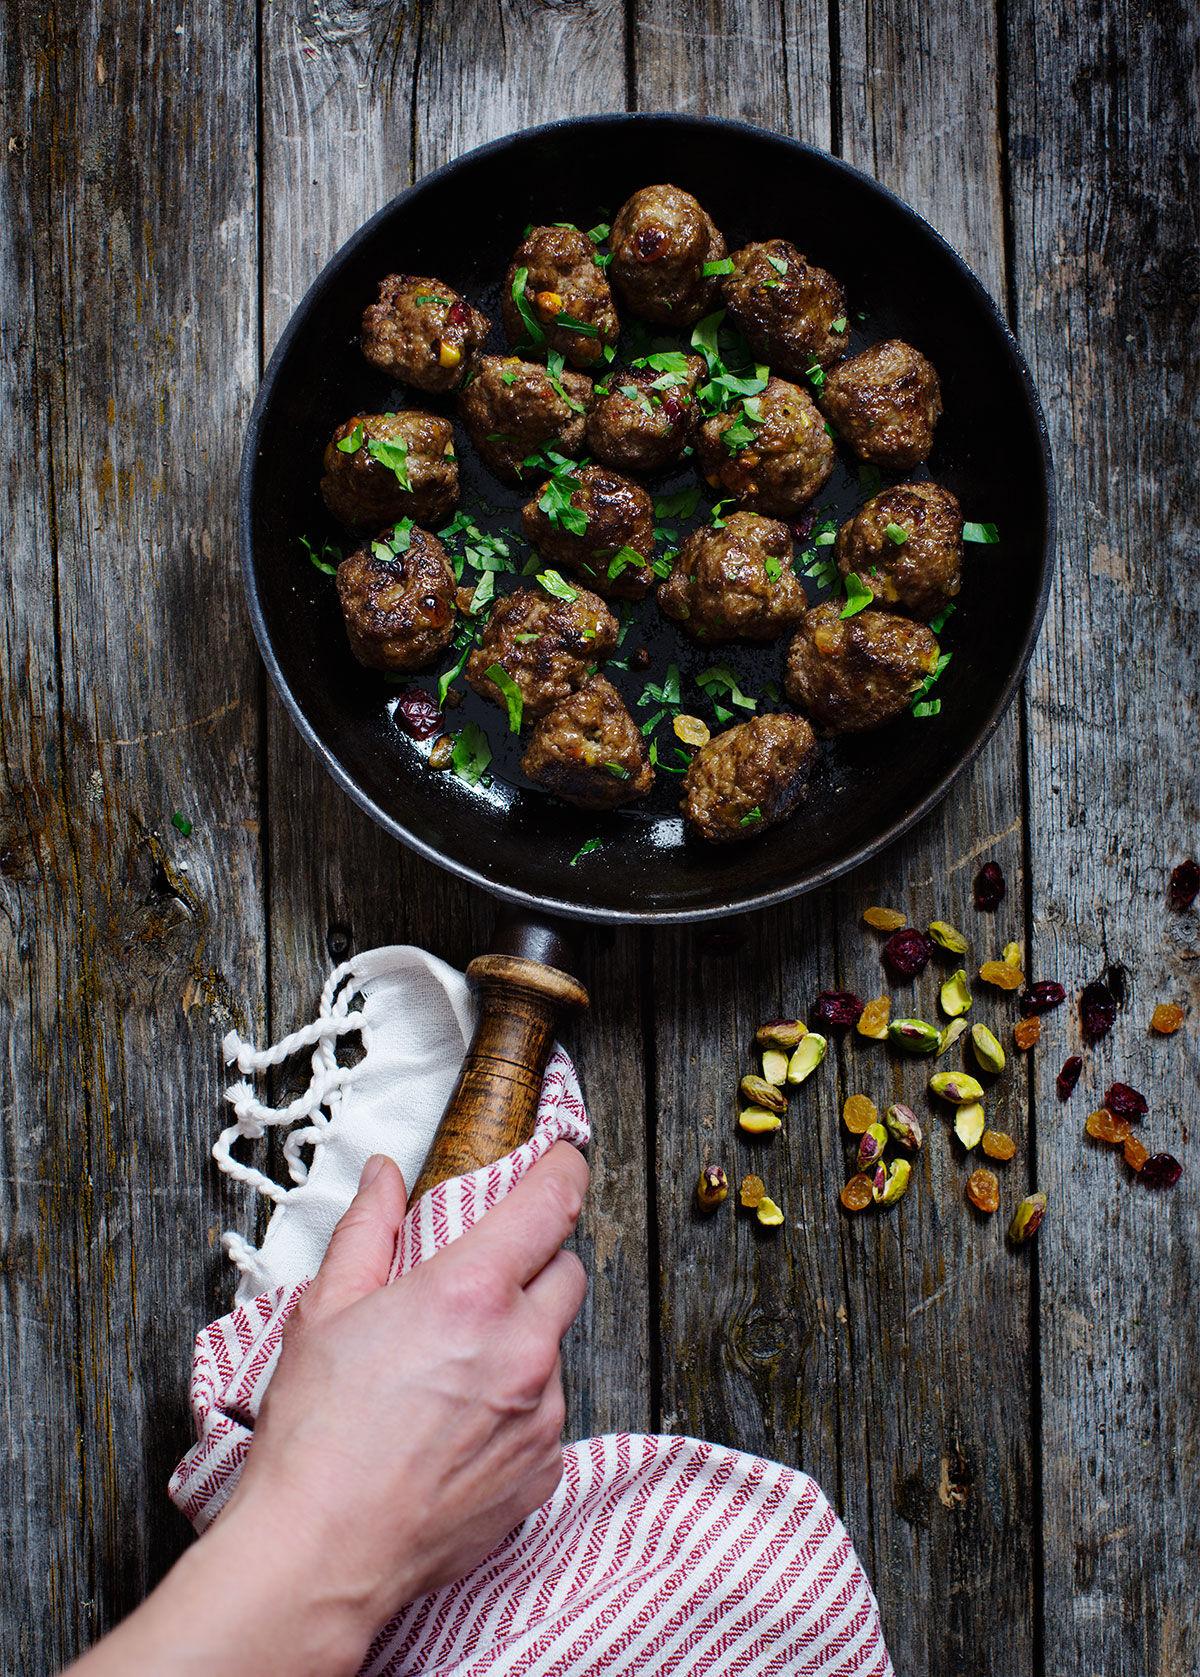 Kryddiga köttbullar med pistagenötter, russin och tranbär i en gjutjärnspanna